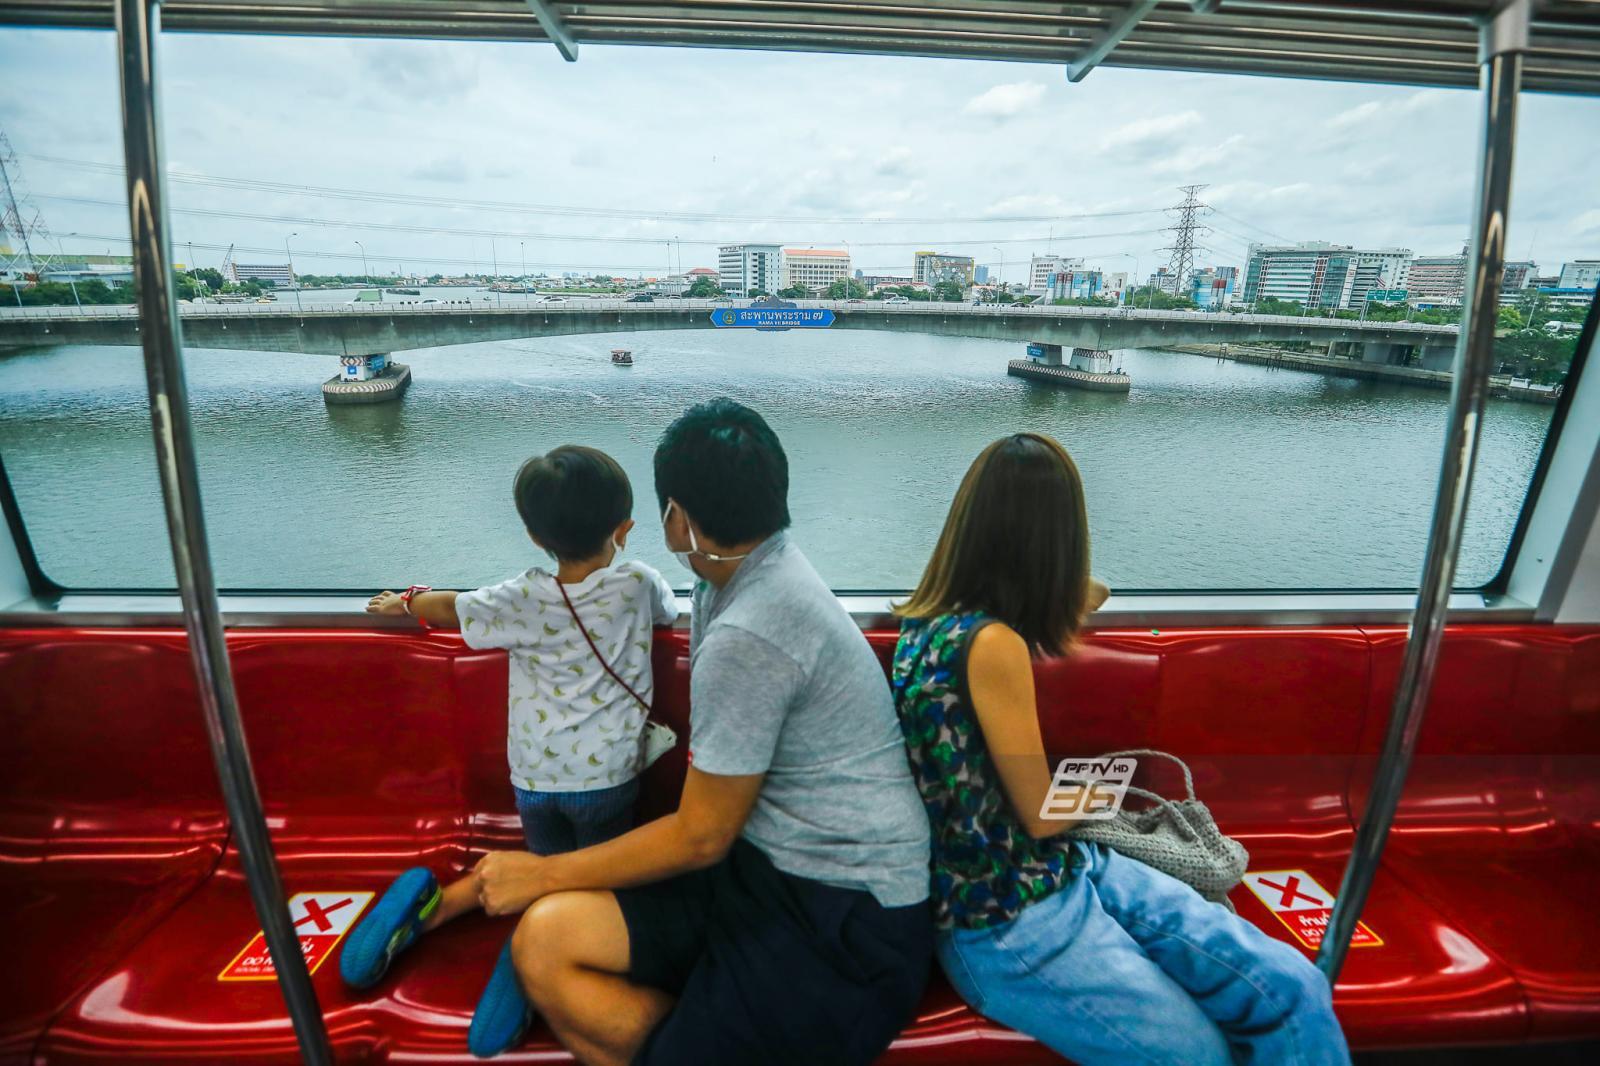 คู่มือเดินทางด้วยรถไฟชานเมืองสายสีแดง-บอกสถานที่ใกล้สถานีตลอดเส้นทาง